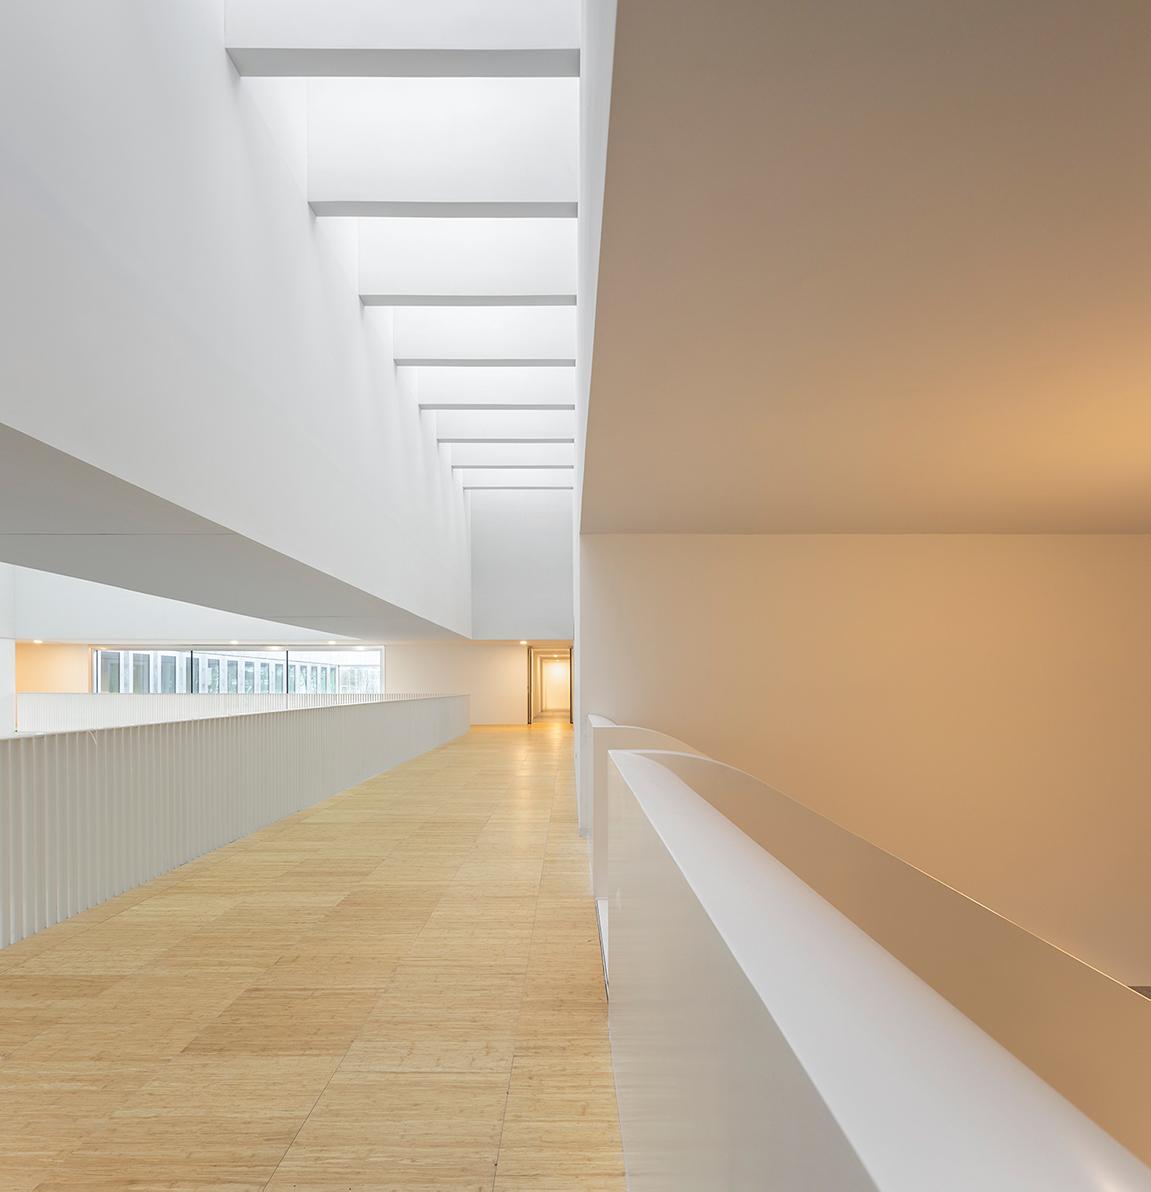 Corridor of CMA Fernando Guerra